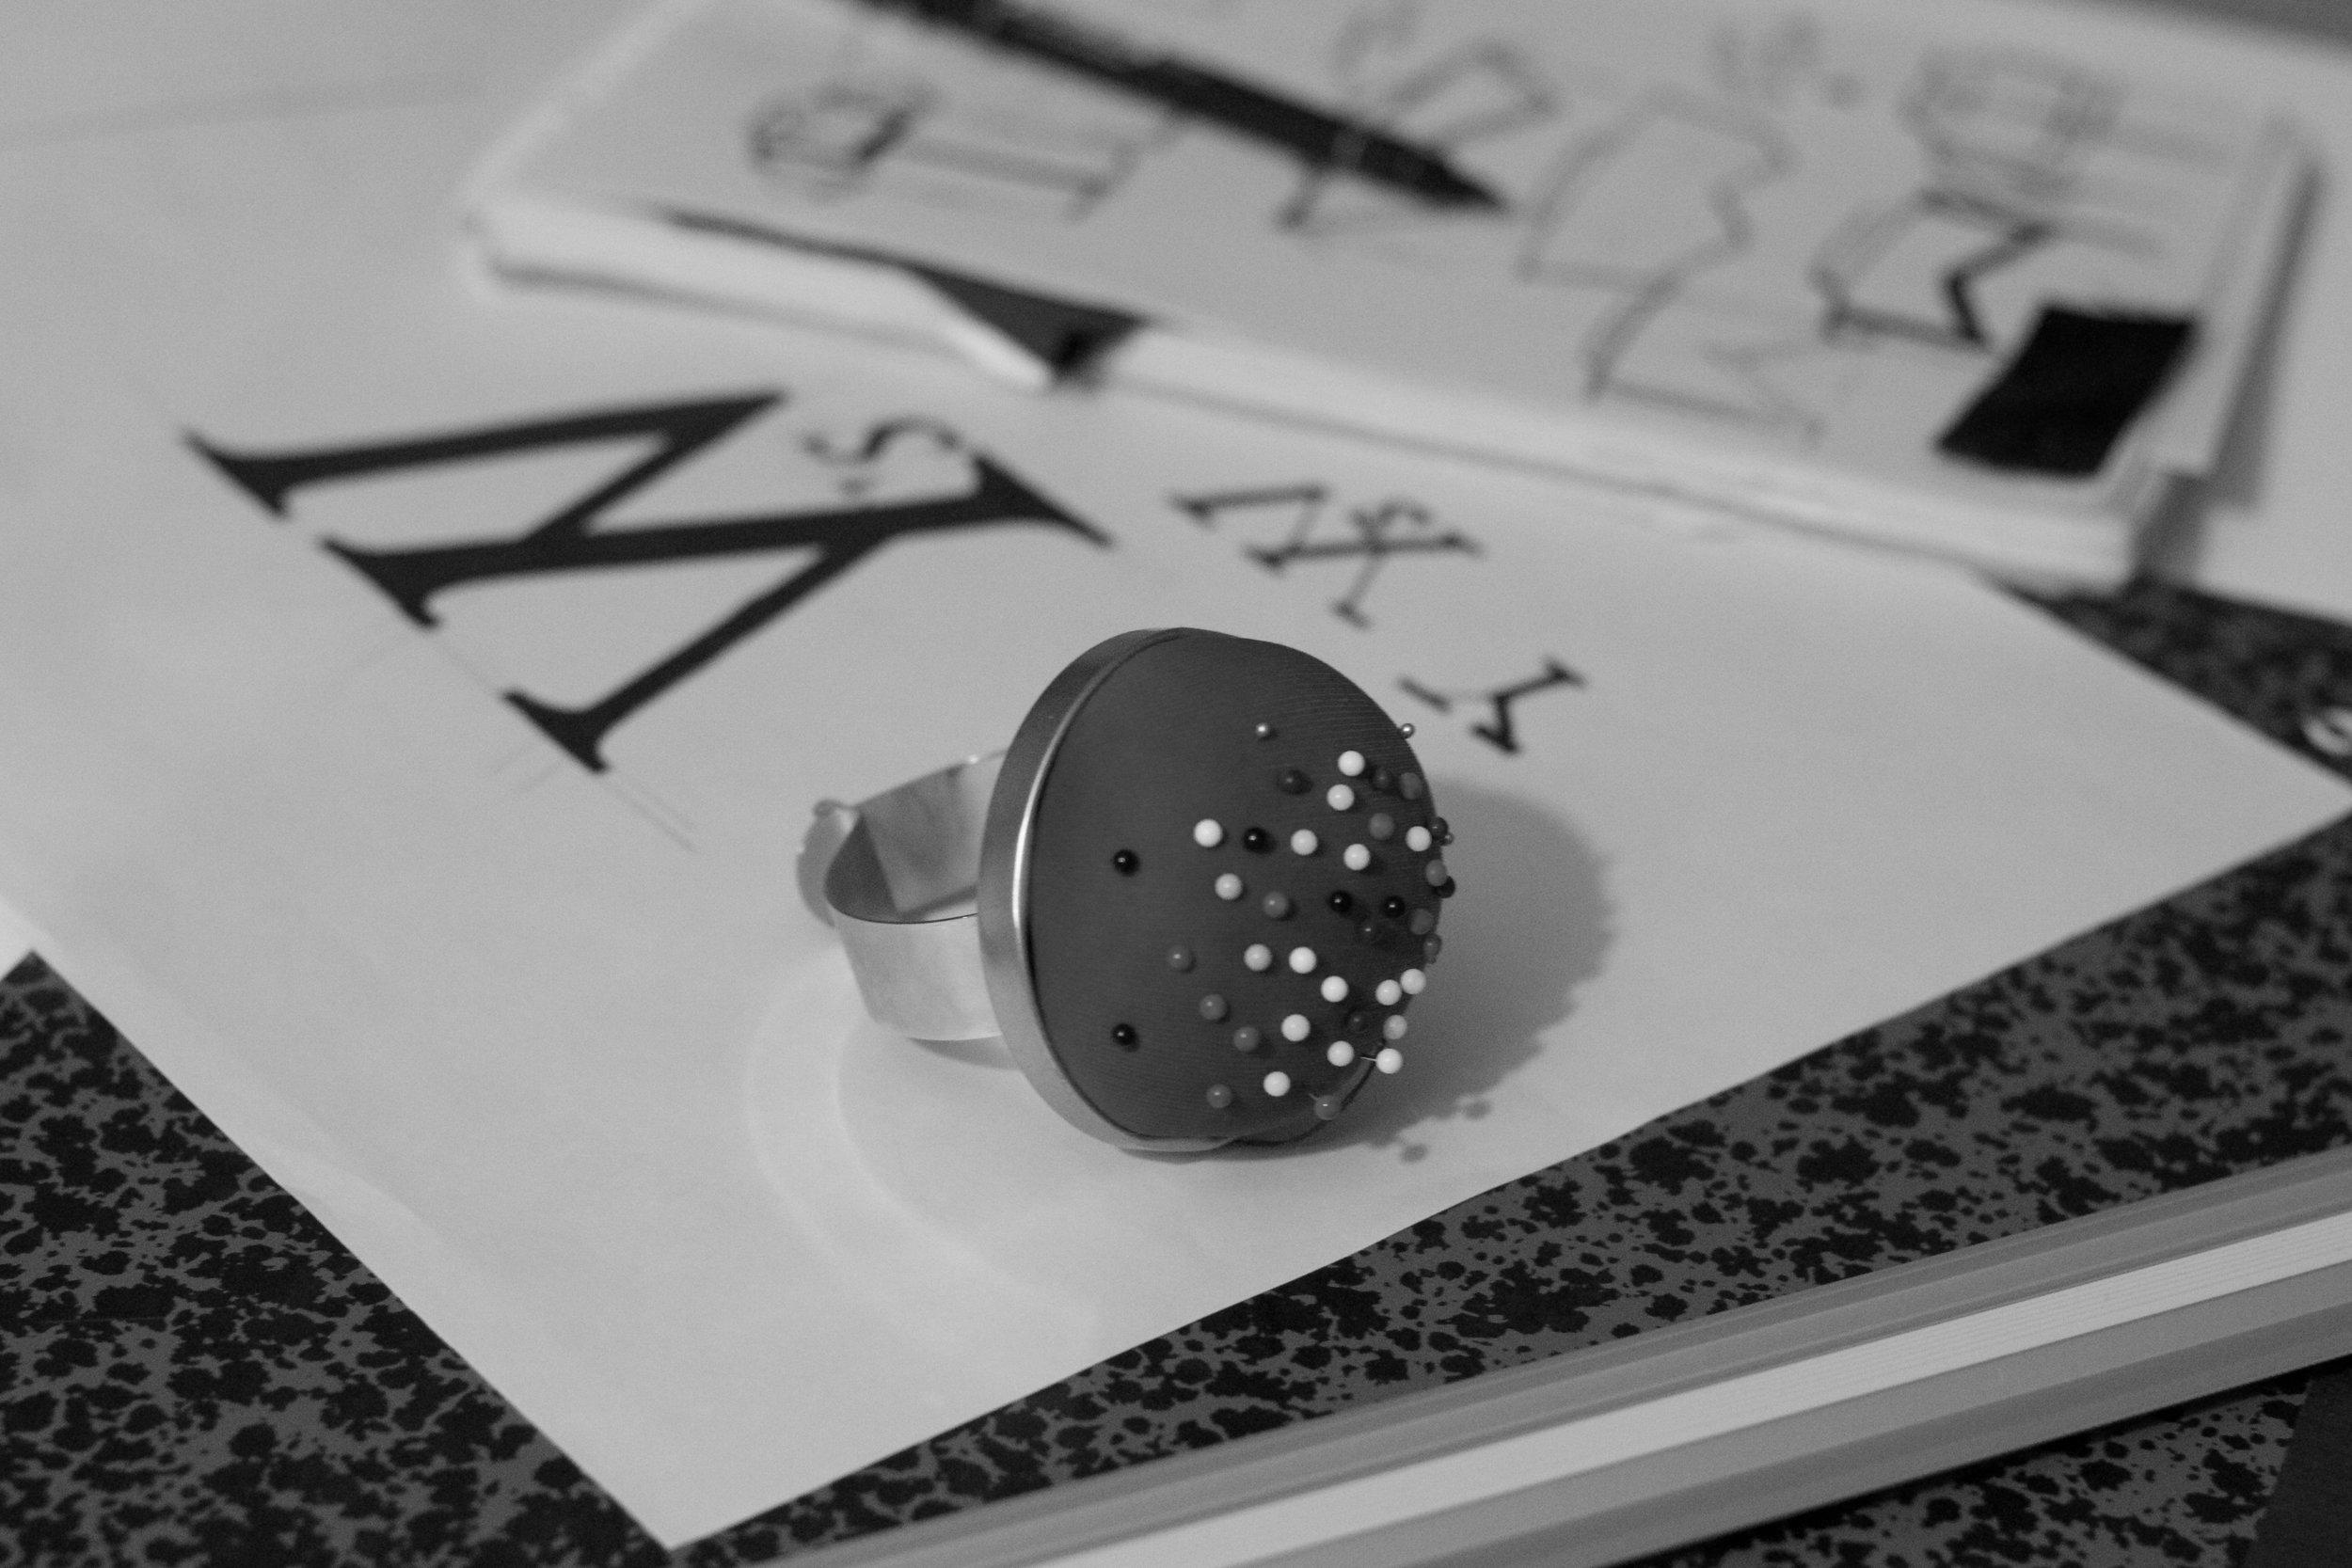 Le design - Les produits sont imaginés et dessinés, dans un lieu tenu secret. Inspirés par plusieurs courants et styles de la mode, ils sont les fruits de beaucoup d'observation et de plusieurs influences.